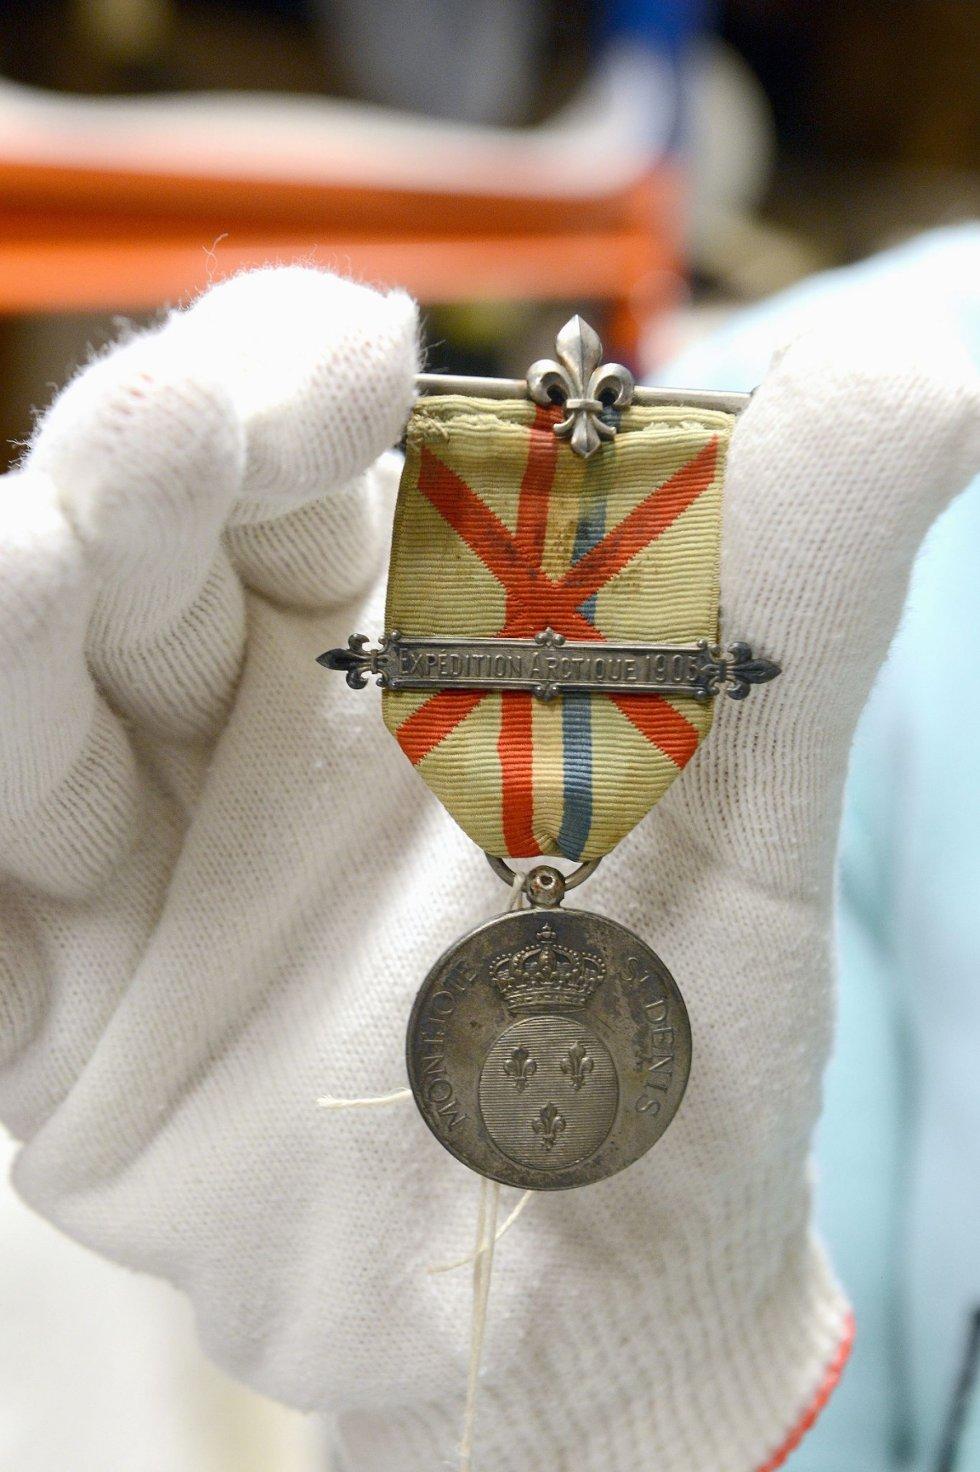 Medaljen er cirka tre-fire centimeter i diameter og har blant annet inskripsjonen A. Karlsen Cap Philippe 1905.